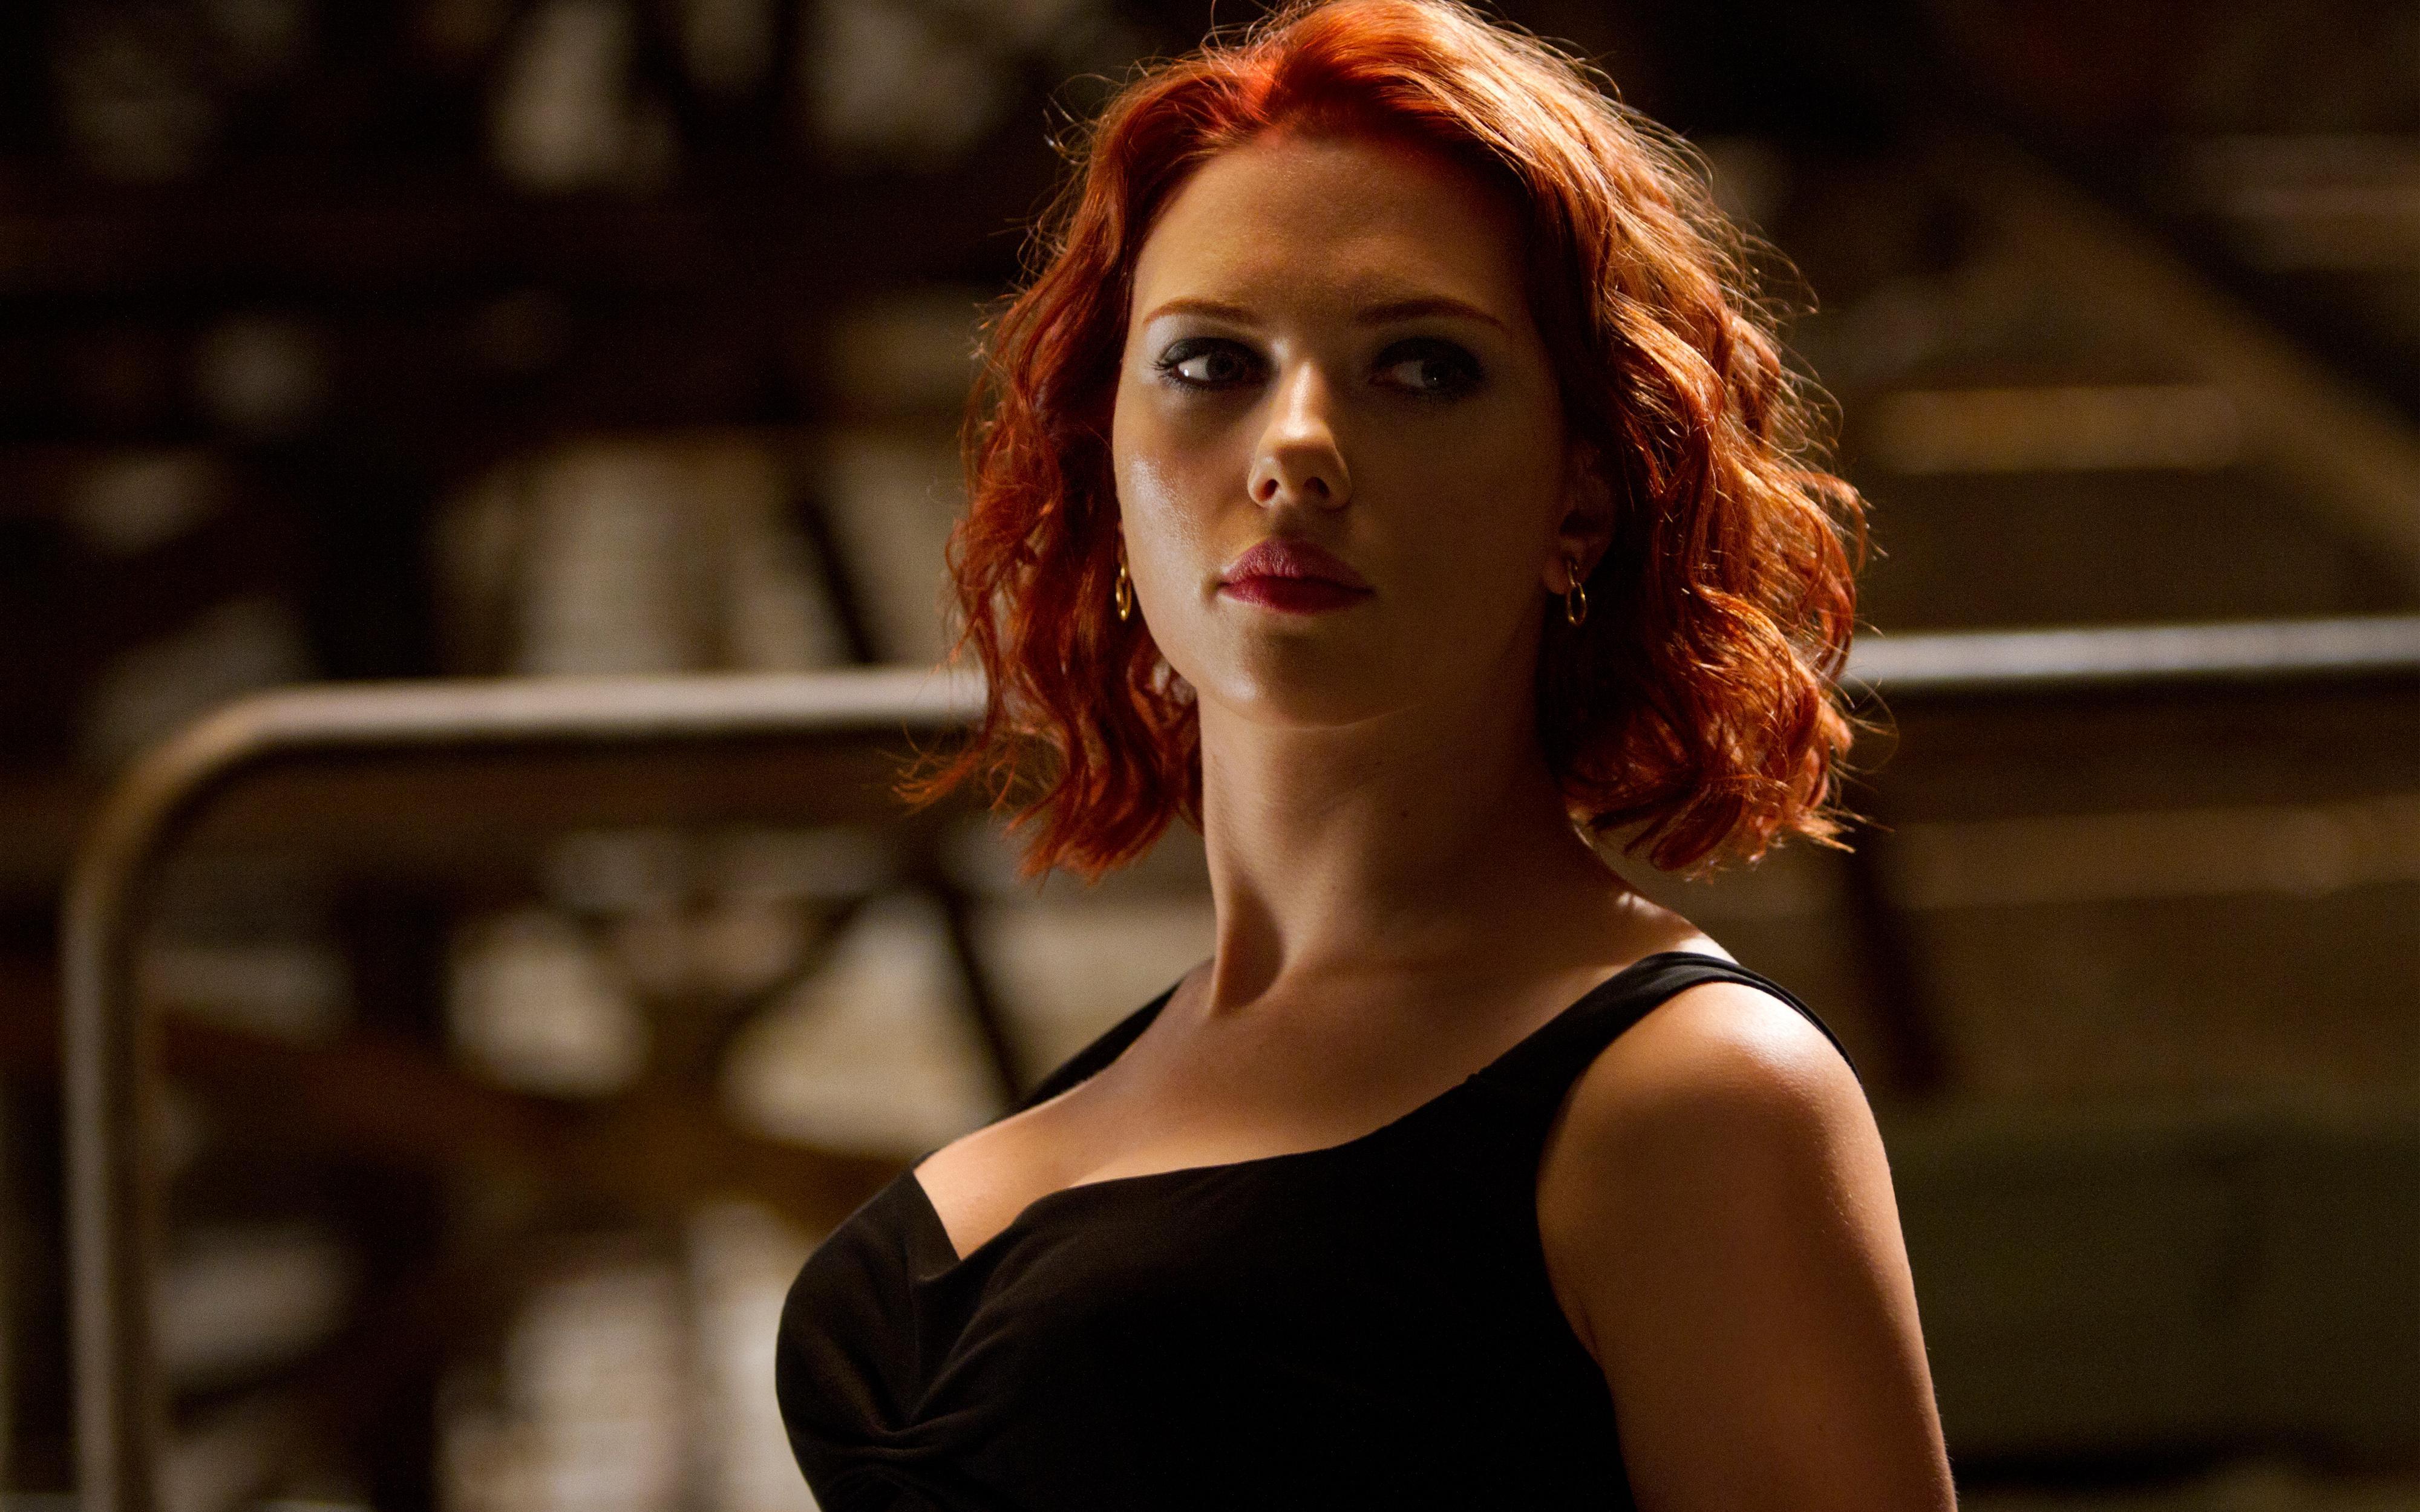 scarlett-johansson-the-avengers.jpg